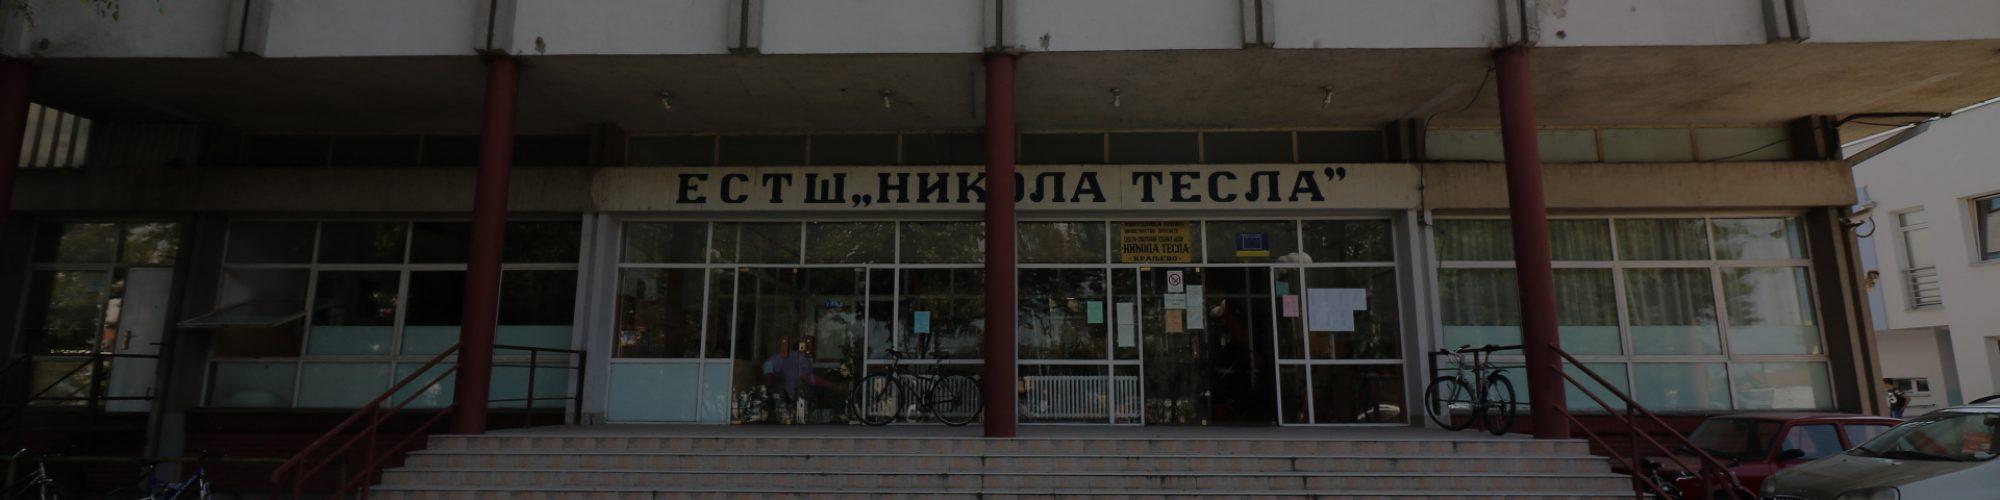 """Elektro-saobraćajna tehnička škola """"Nikola Tesla"""""""